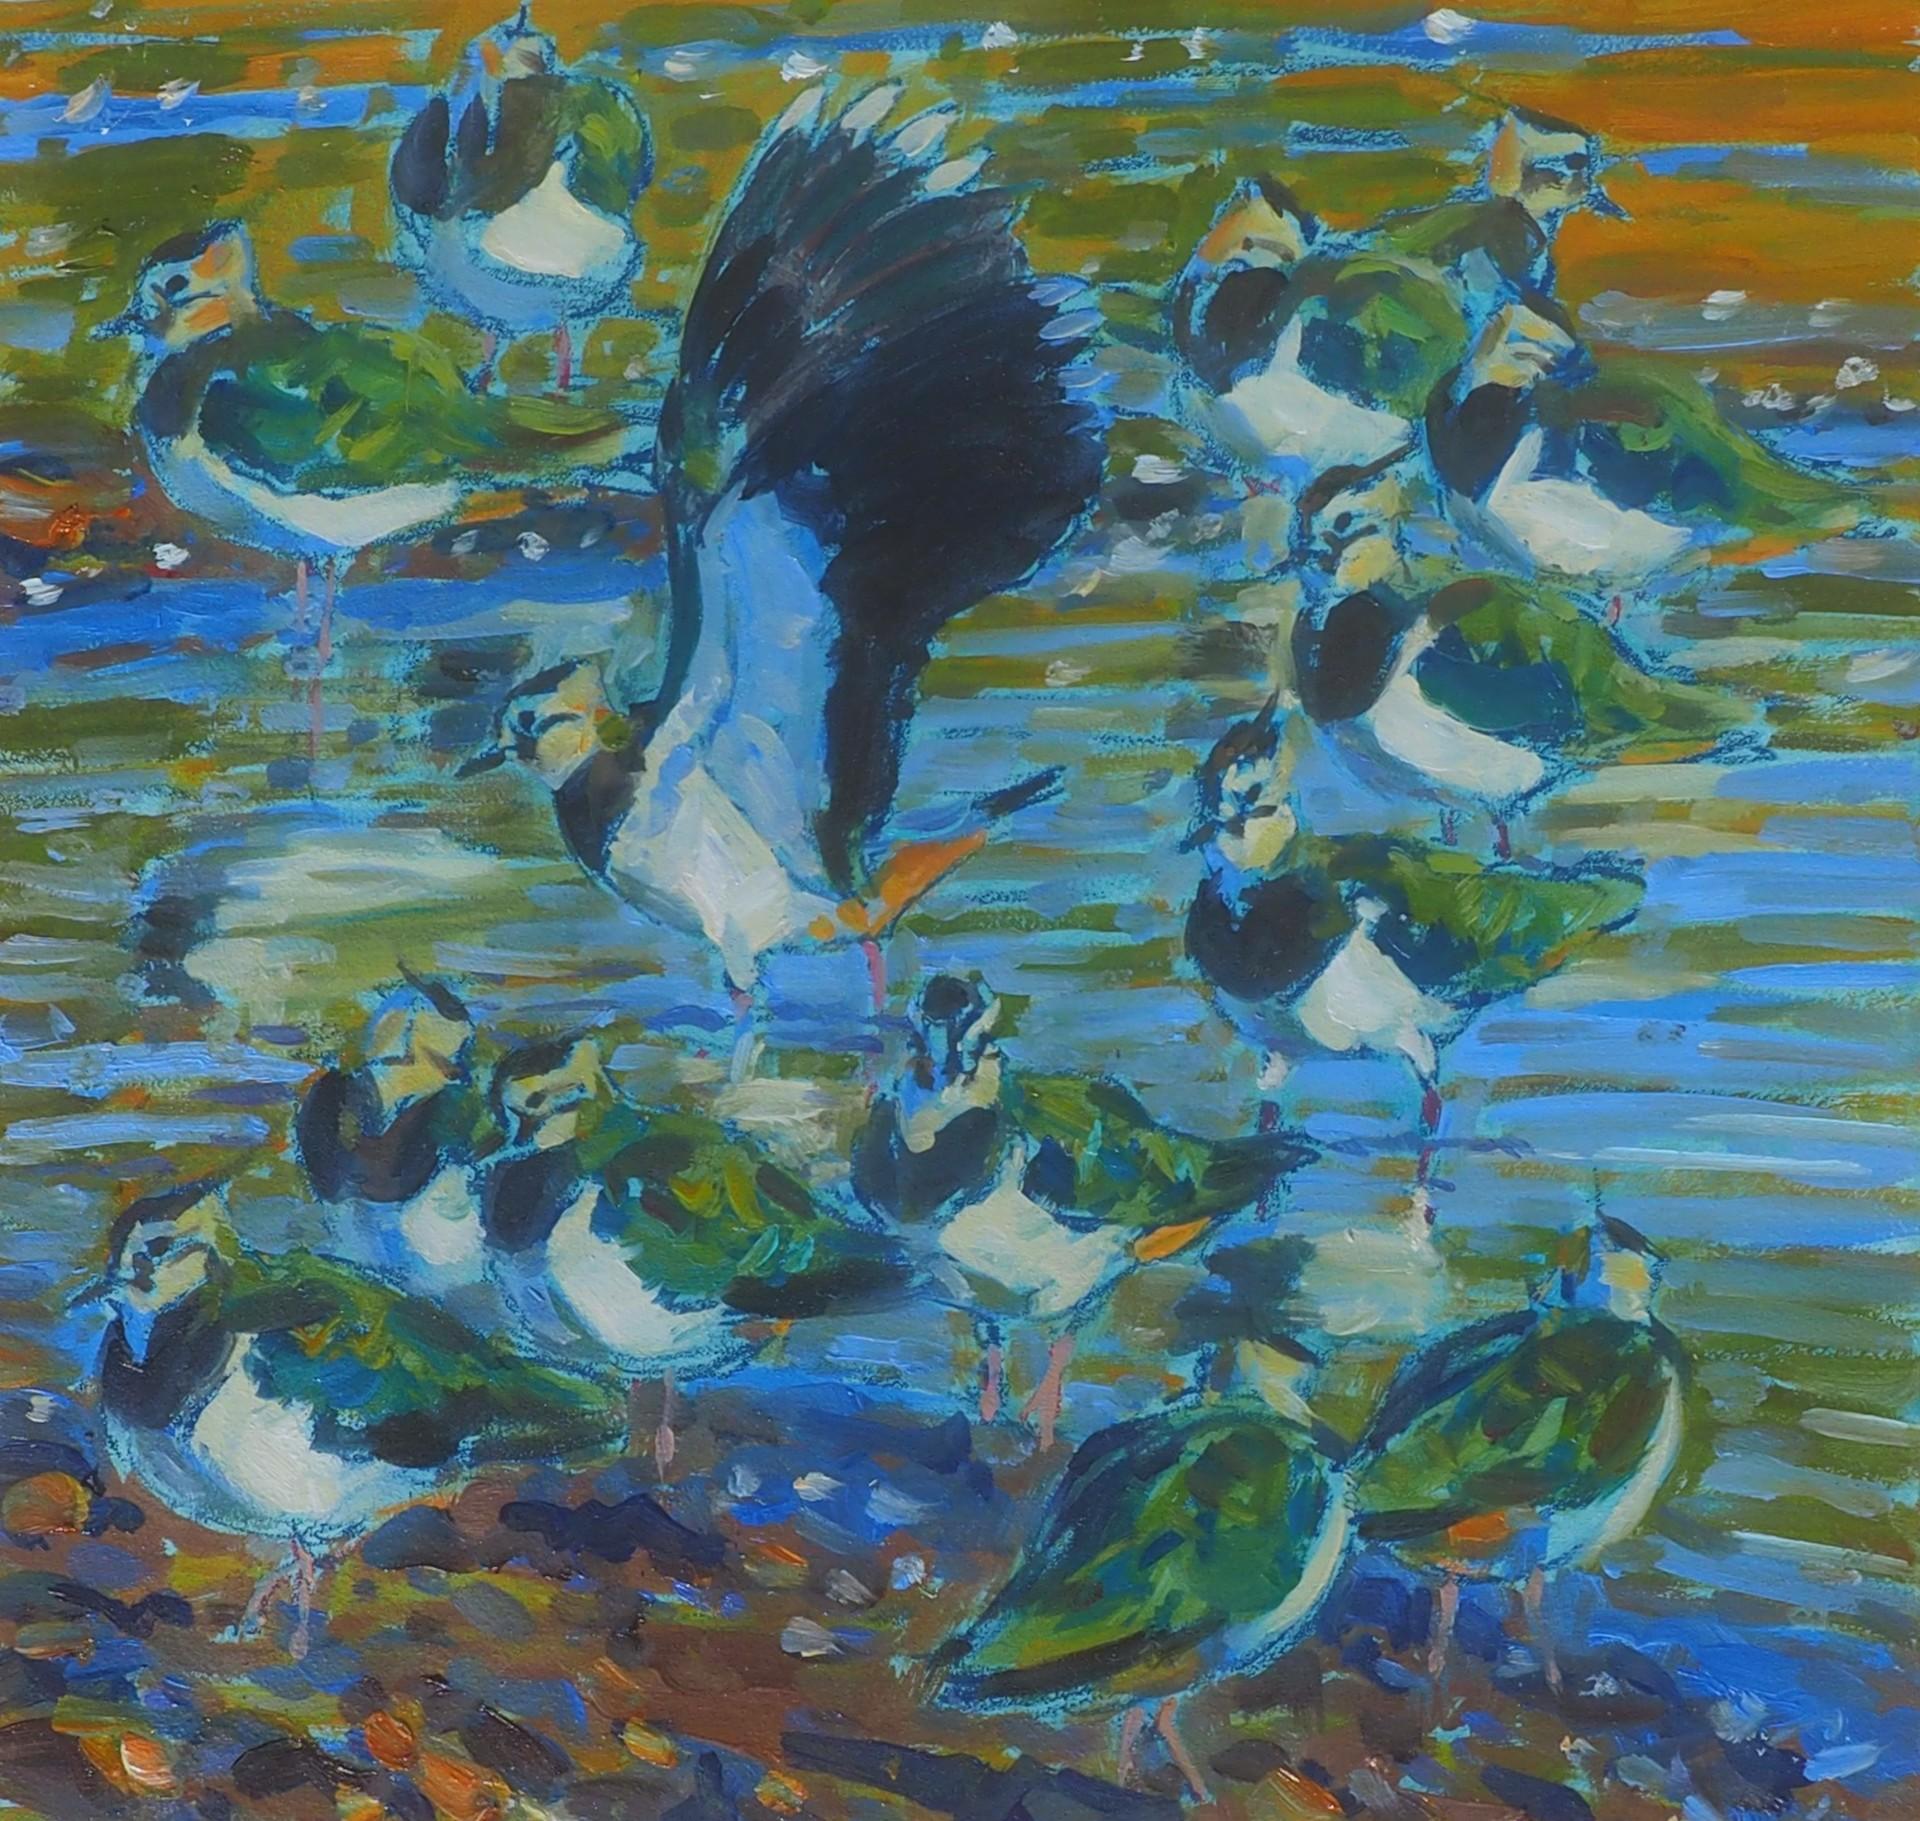 Lapwings alighting, North Staveley Wetlands.